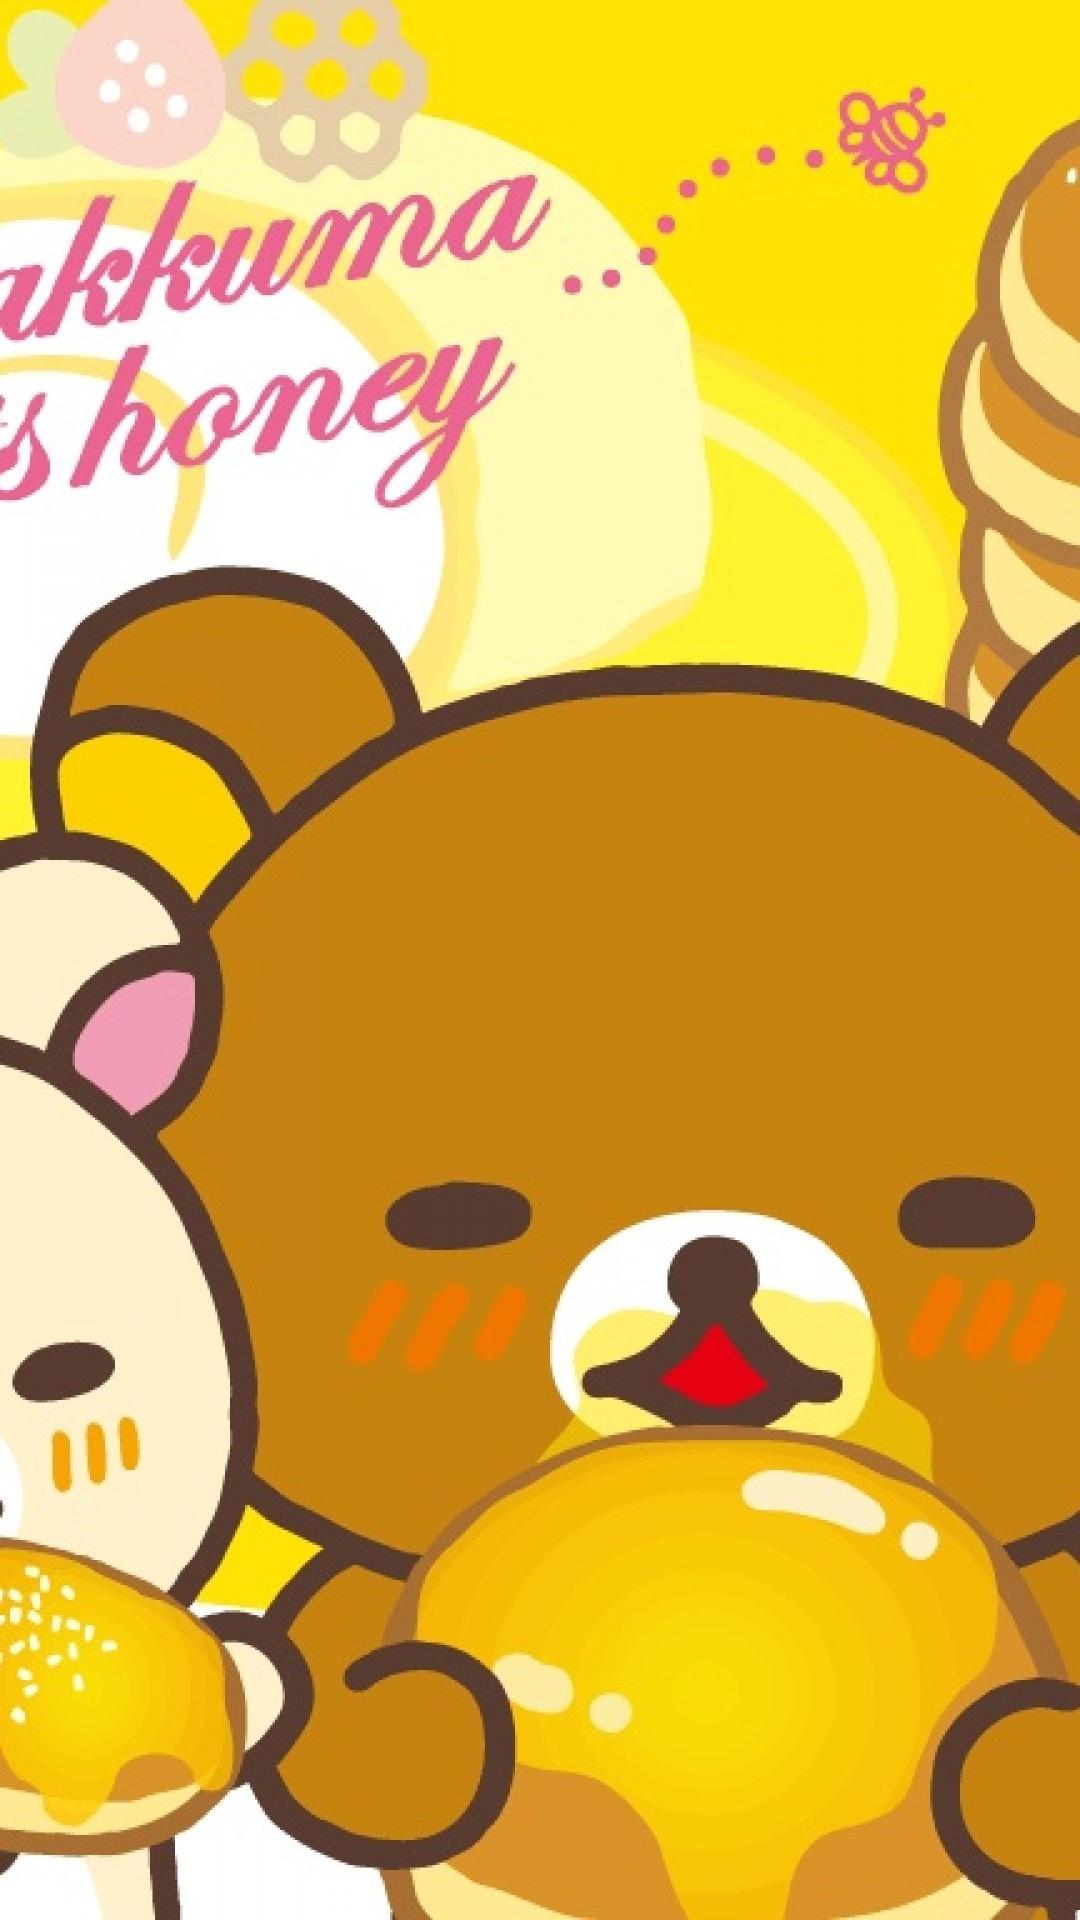 rilakkuma IPhone6s wallpaper · Rilakkuma WallpaperKawaii WallpaperIphone …